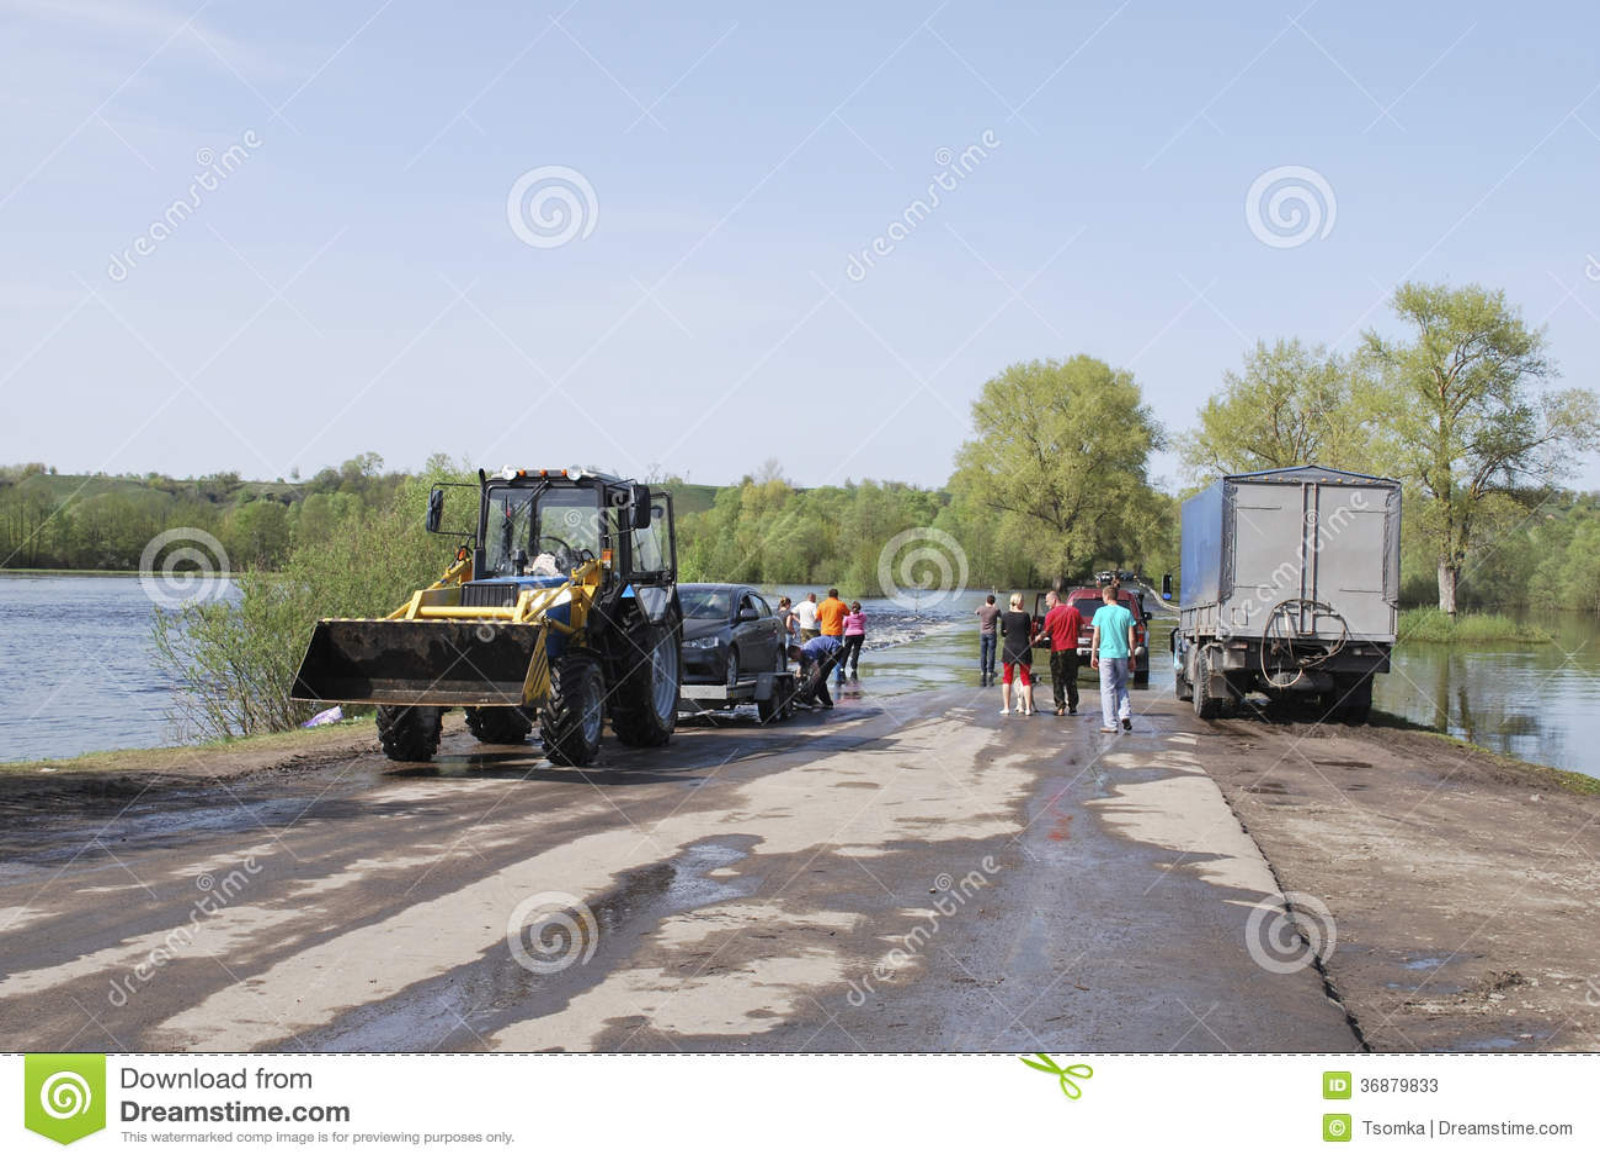 Download Inondazioni, Ha Sommerso Il Trattore Stradale Porta Le Automobili. Fotografia Stock Editoriale - Immagine di naughty, inondazione: 36879833